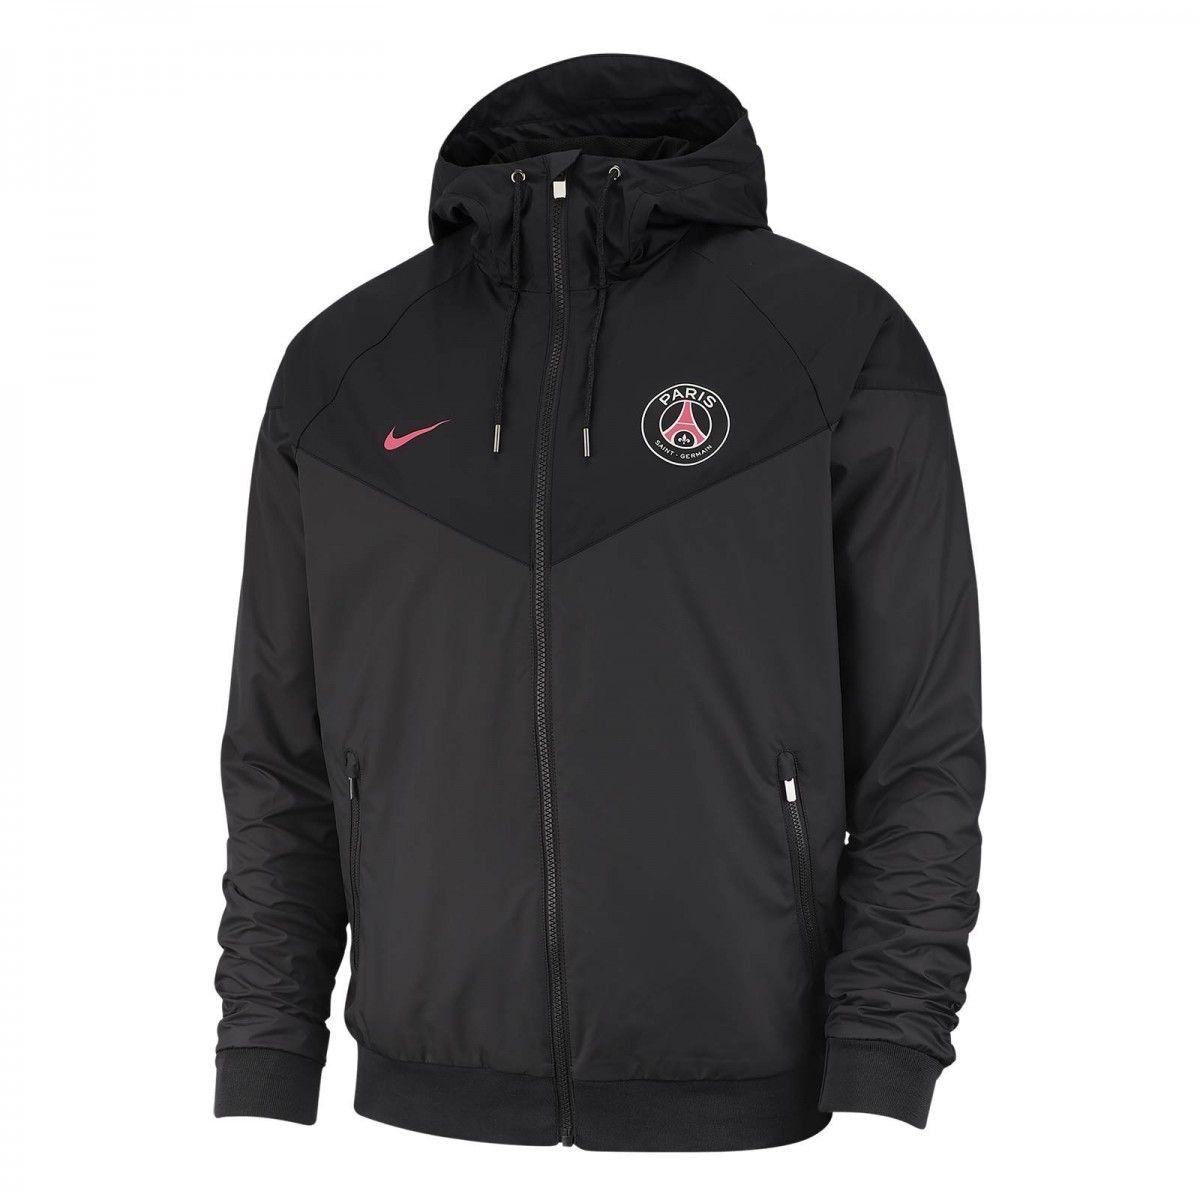 new collection large discount wholesale Veste de survêtement Nike PARIS SAINT-GERMAIN WINDRUNNER